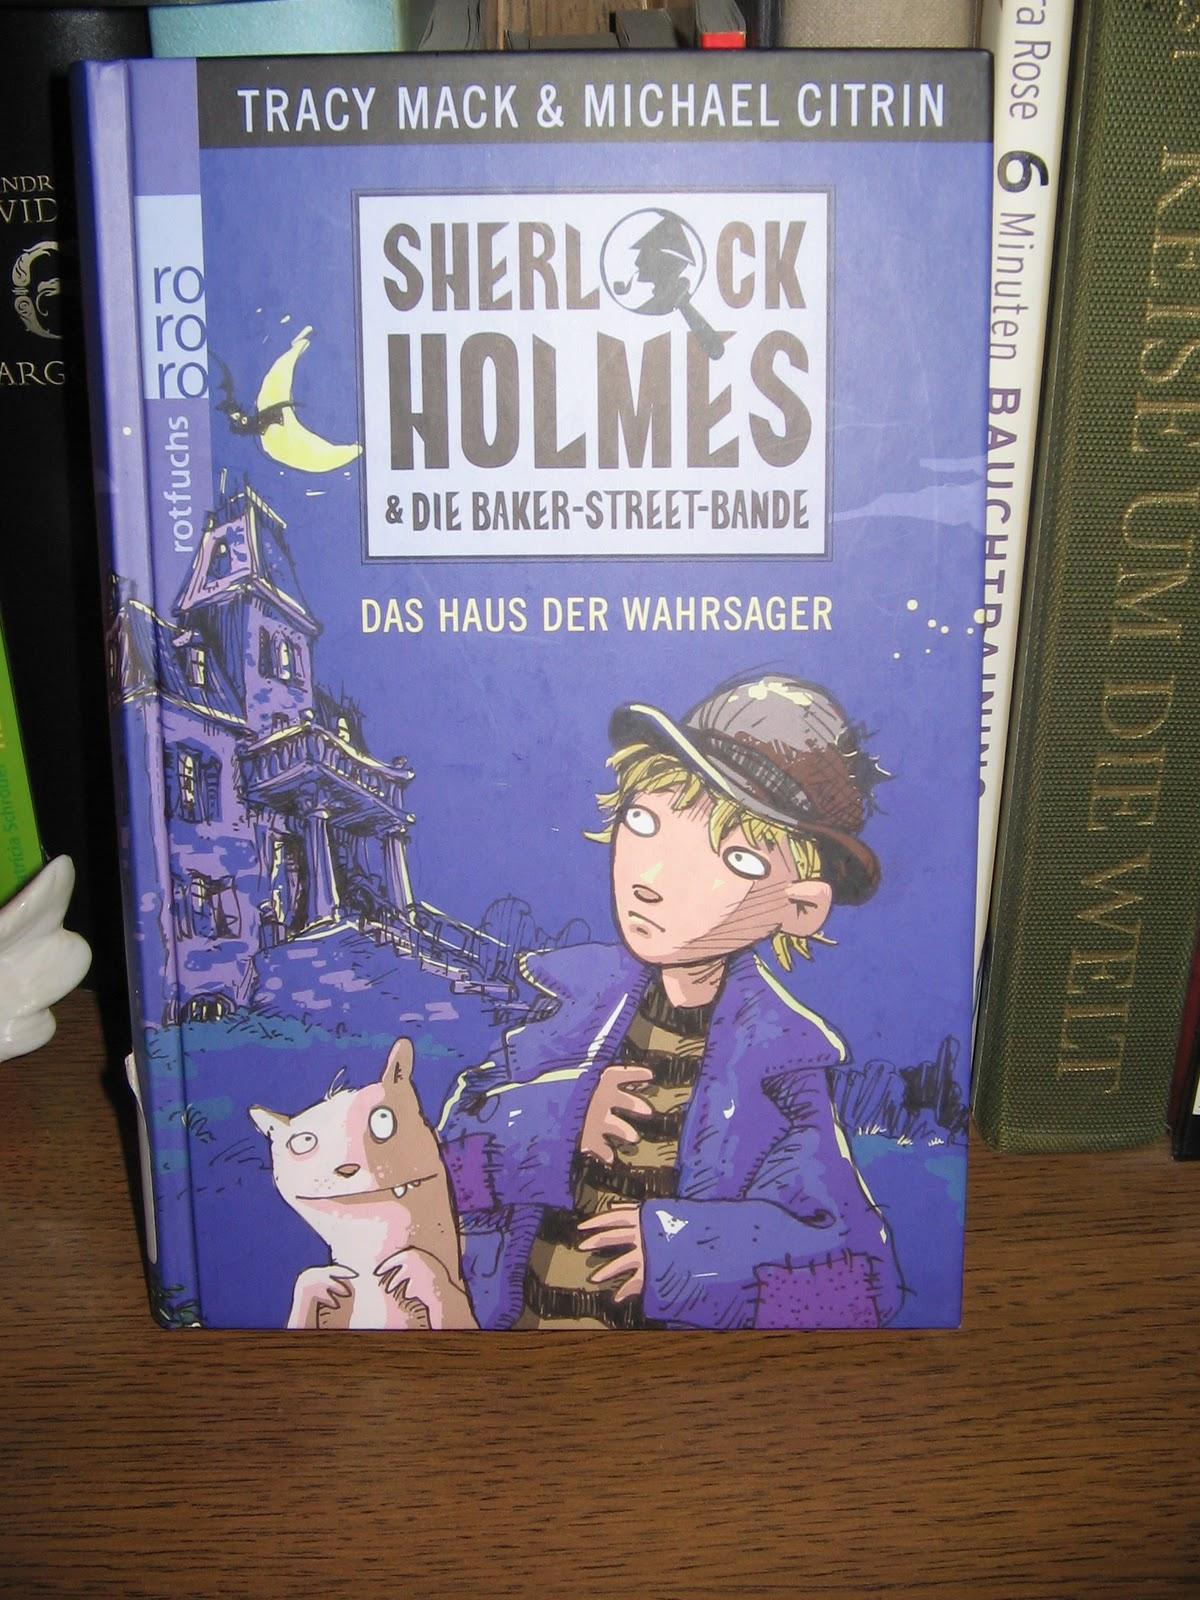 Sherlock holmes die baker street bande 2 das haus der wahrsager